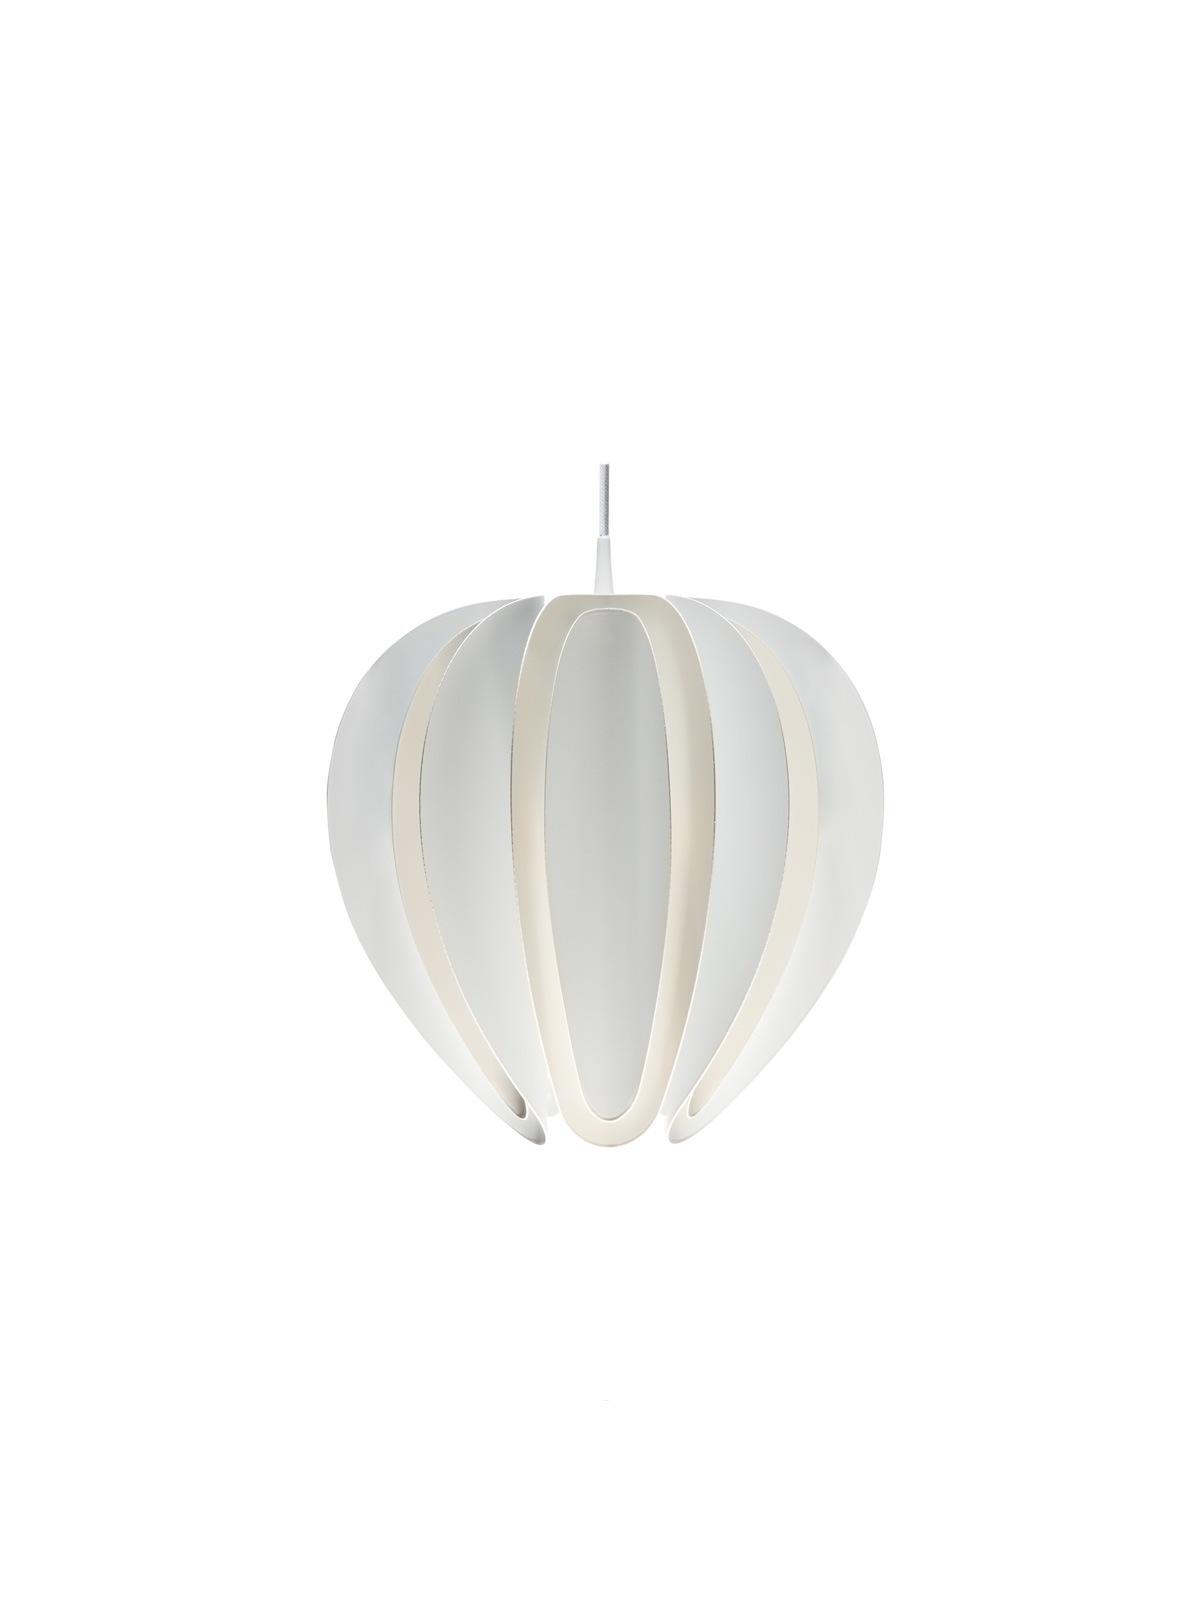 Belid Tulip Pendelleuchte DesignOrt Lampen Berlin Onlineshop